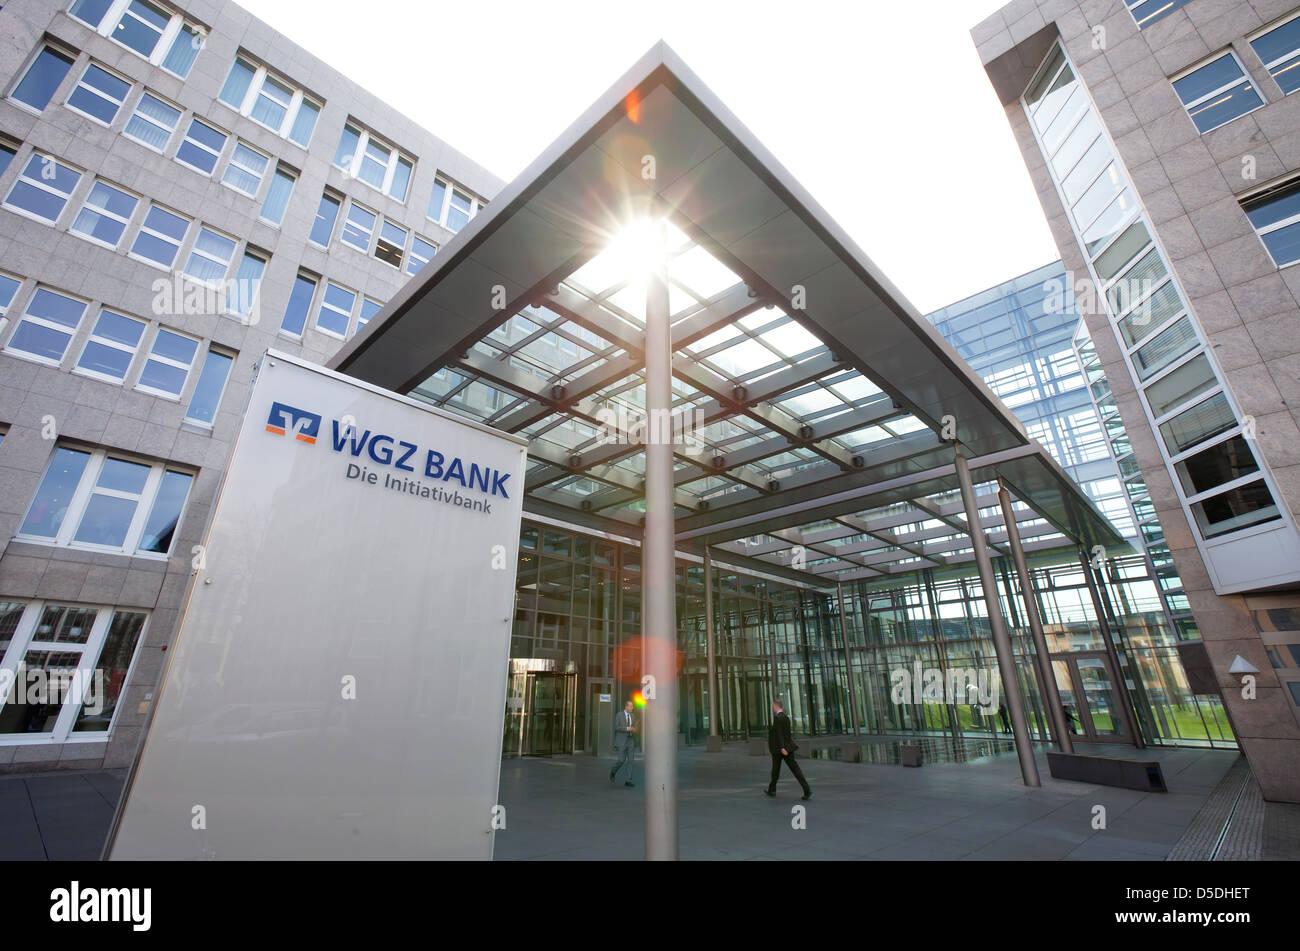 Wgz Bank Germany